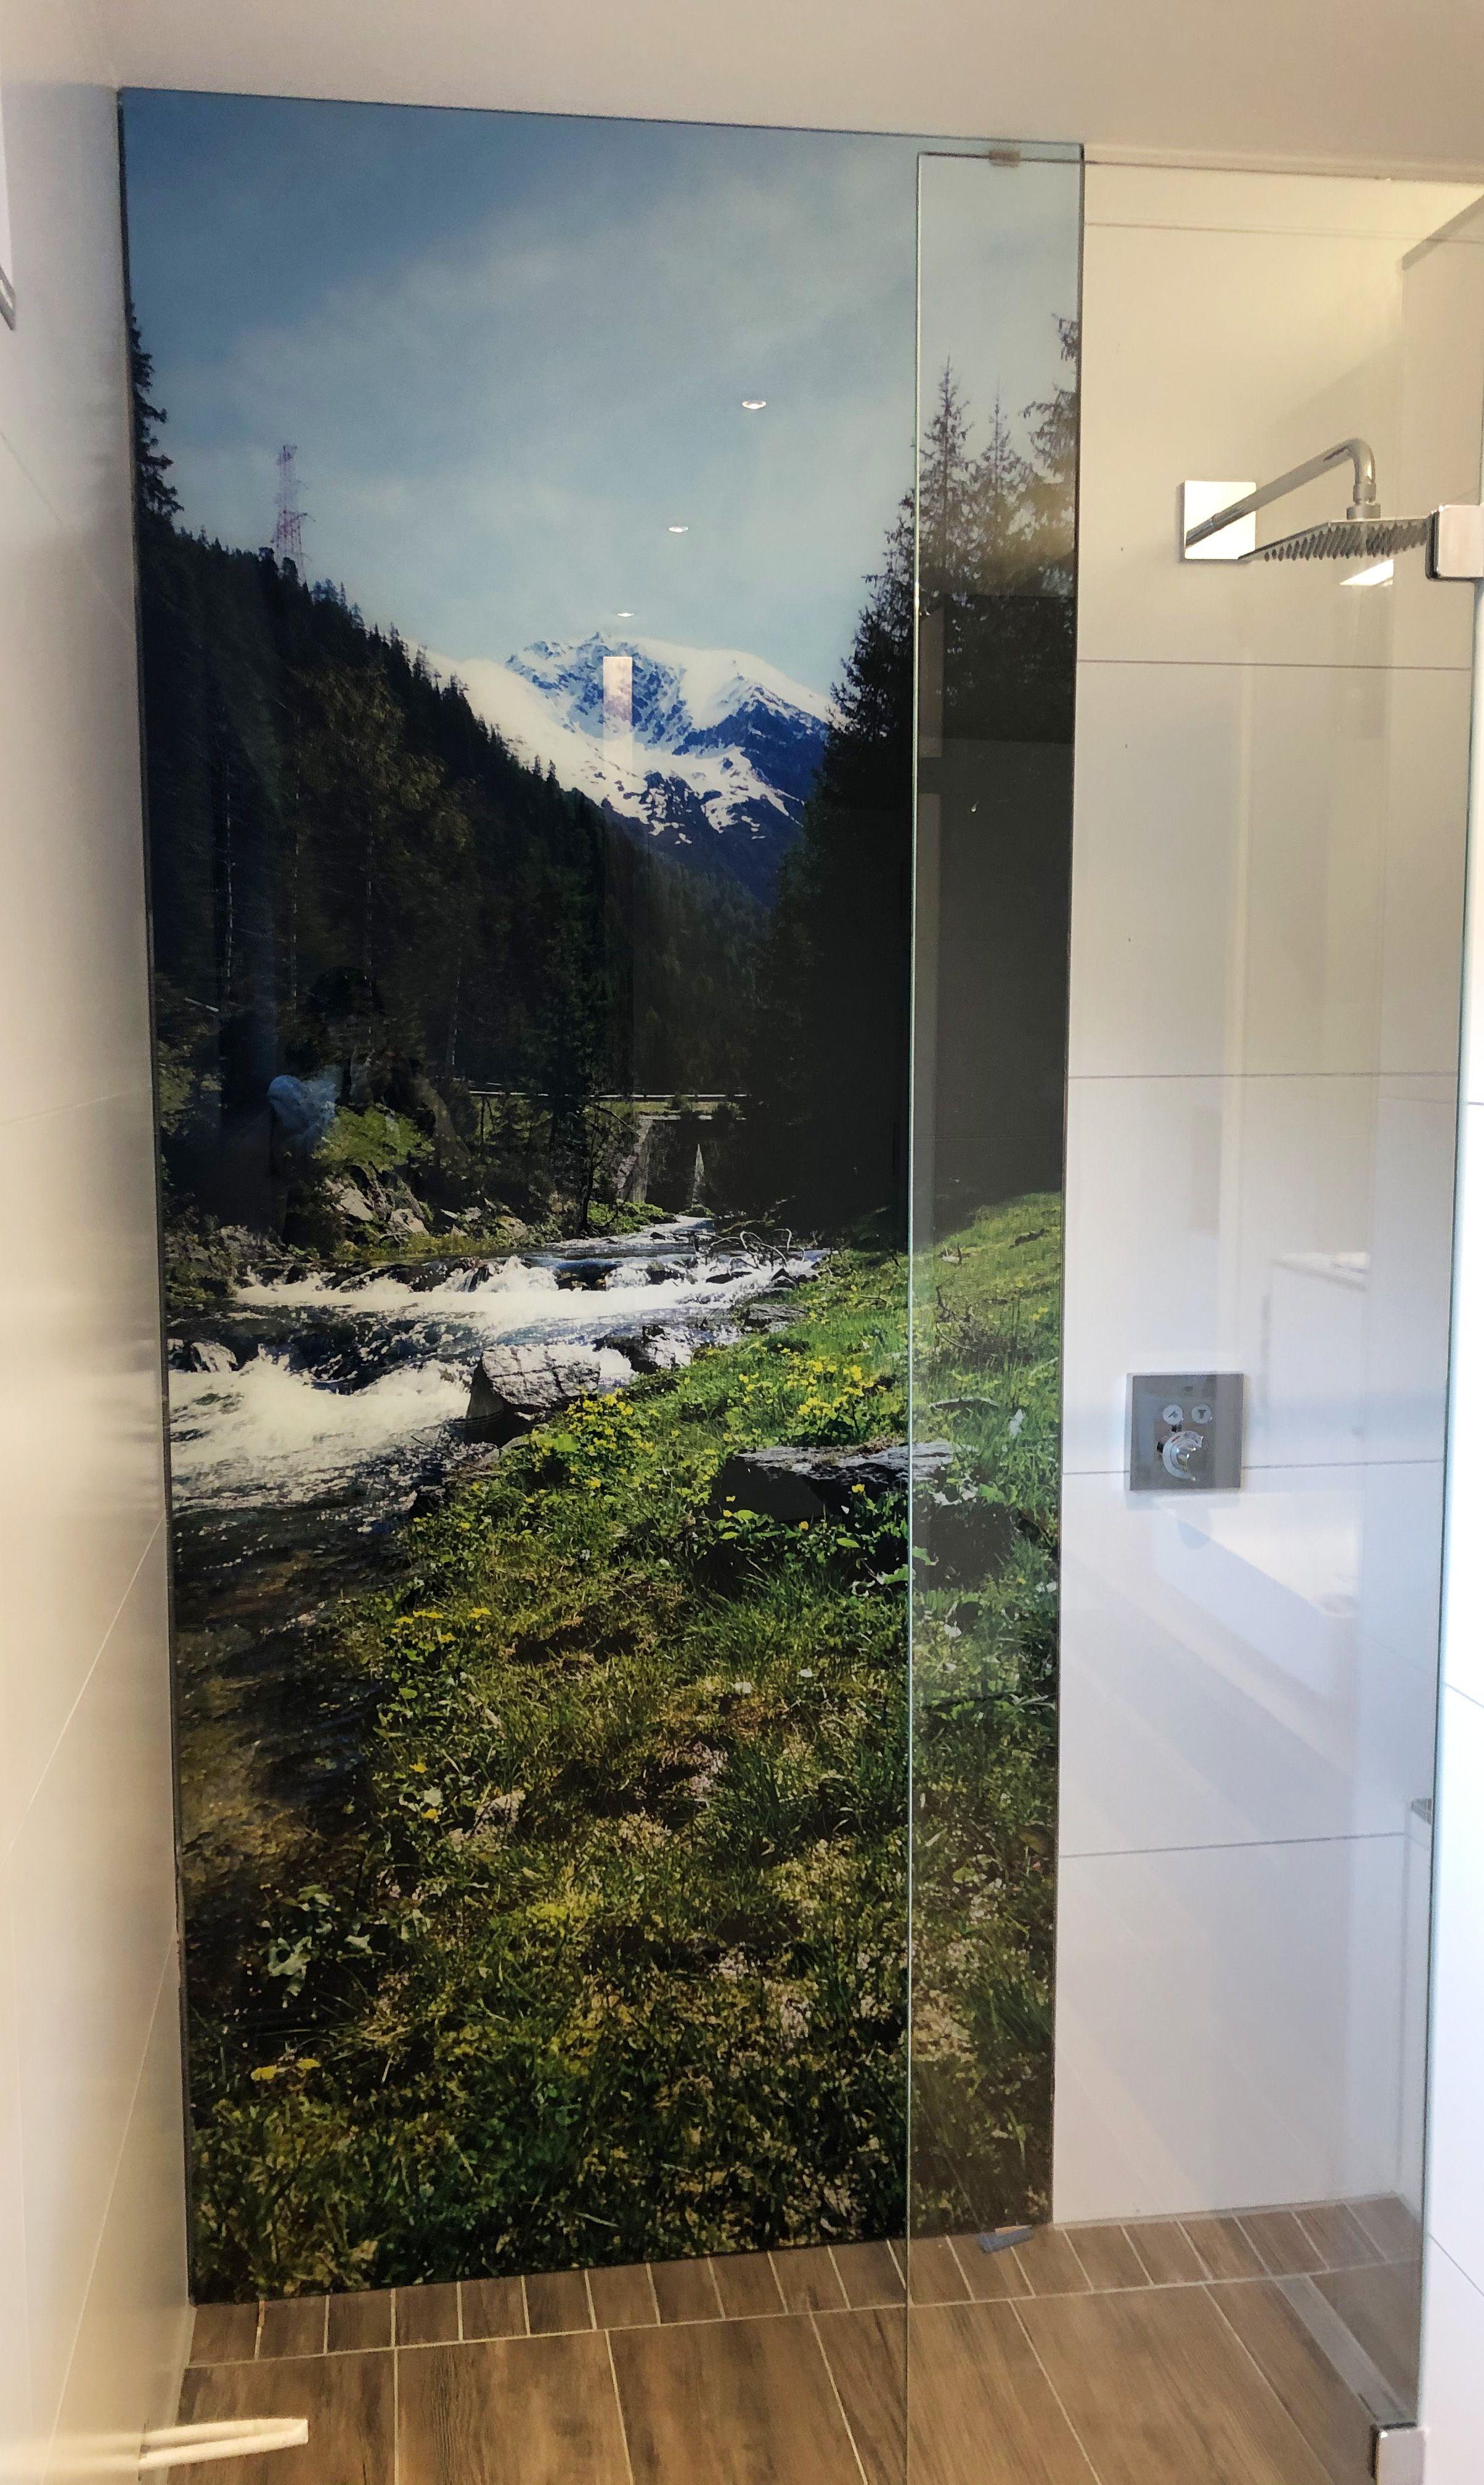 Hol Dir Die Natur In Dein Bad Jetzt Neu Mit Nano Beschichtung Lotus Effekt Esg Glas Duschruckwand Dusche